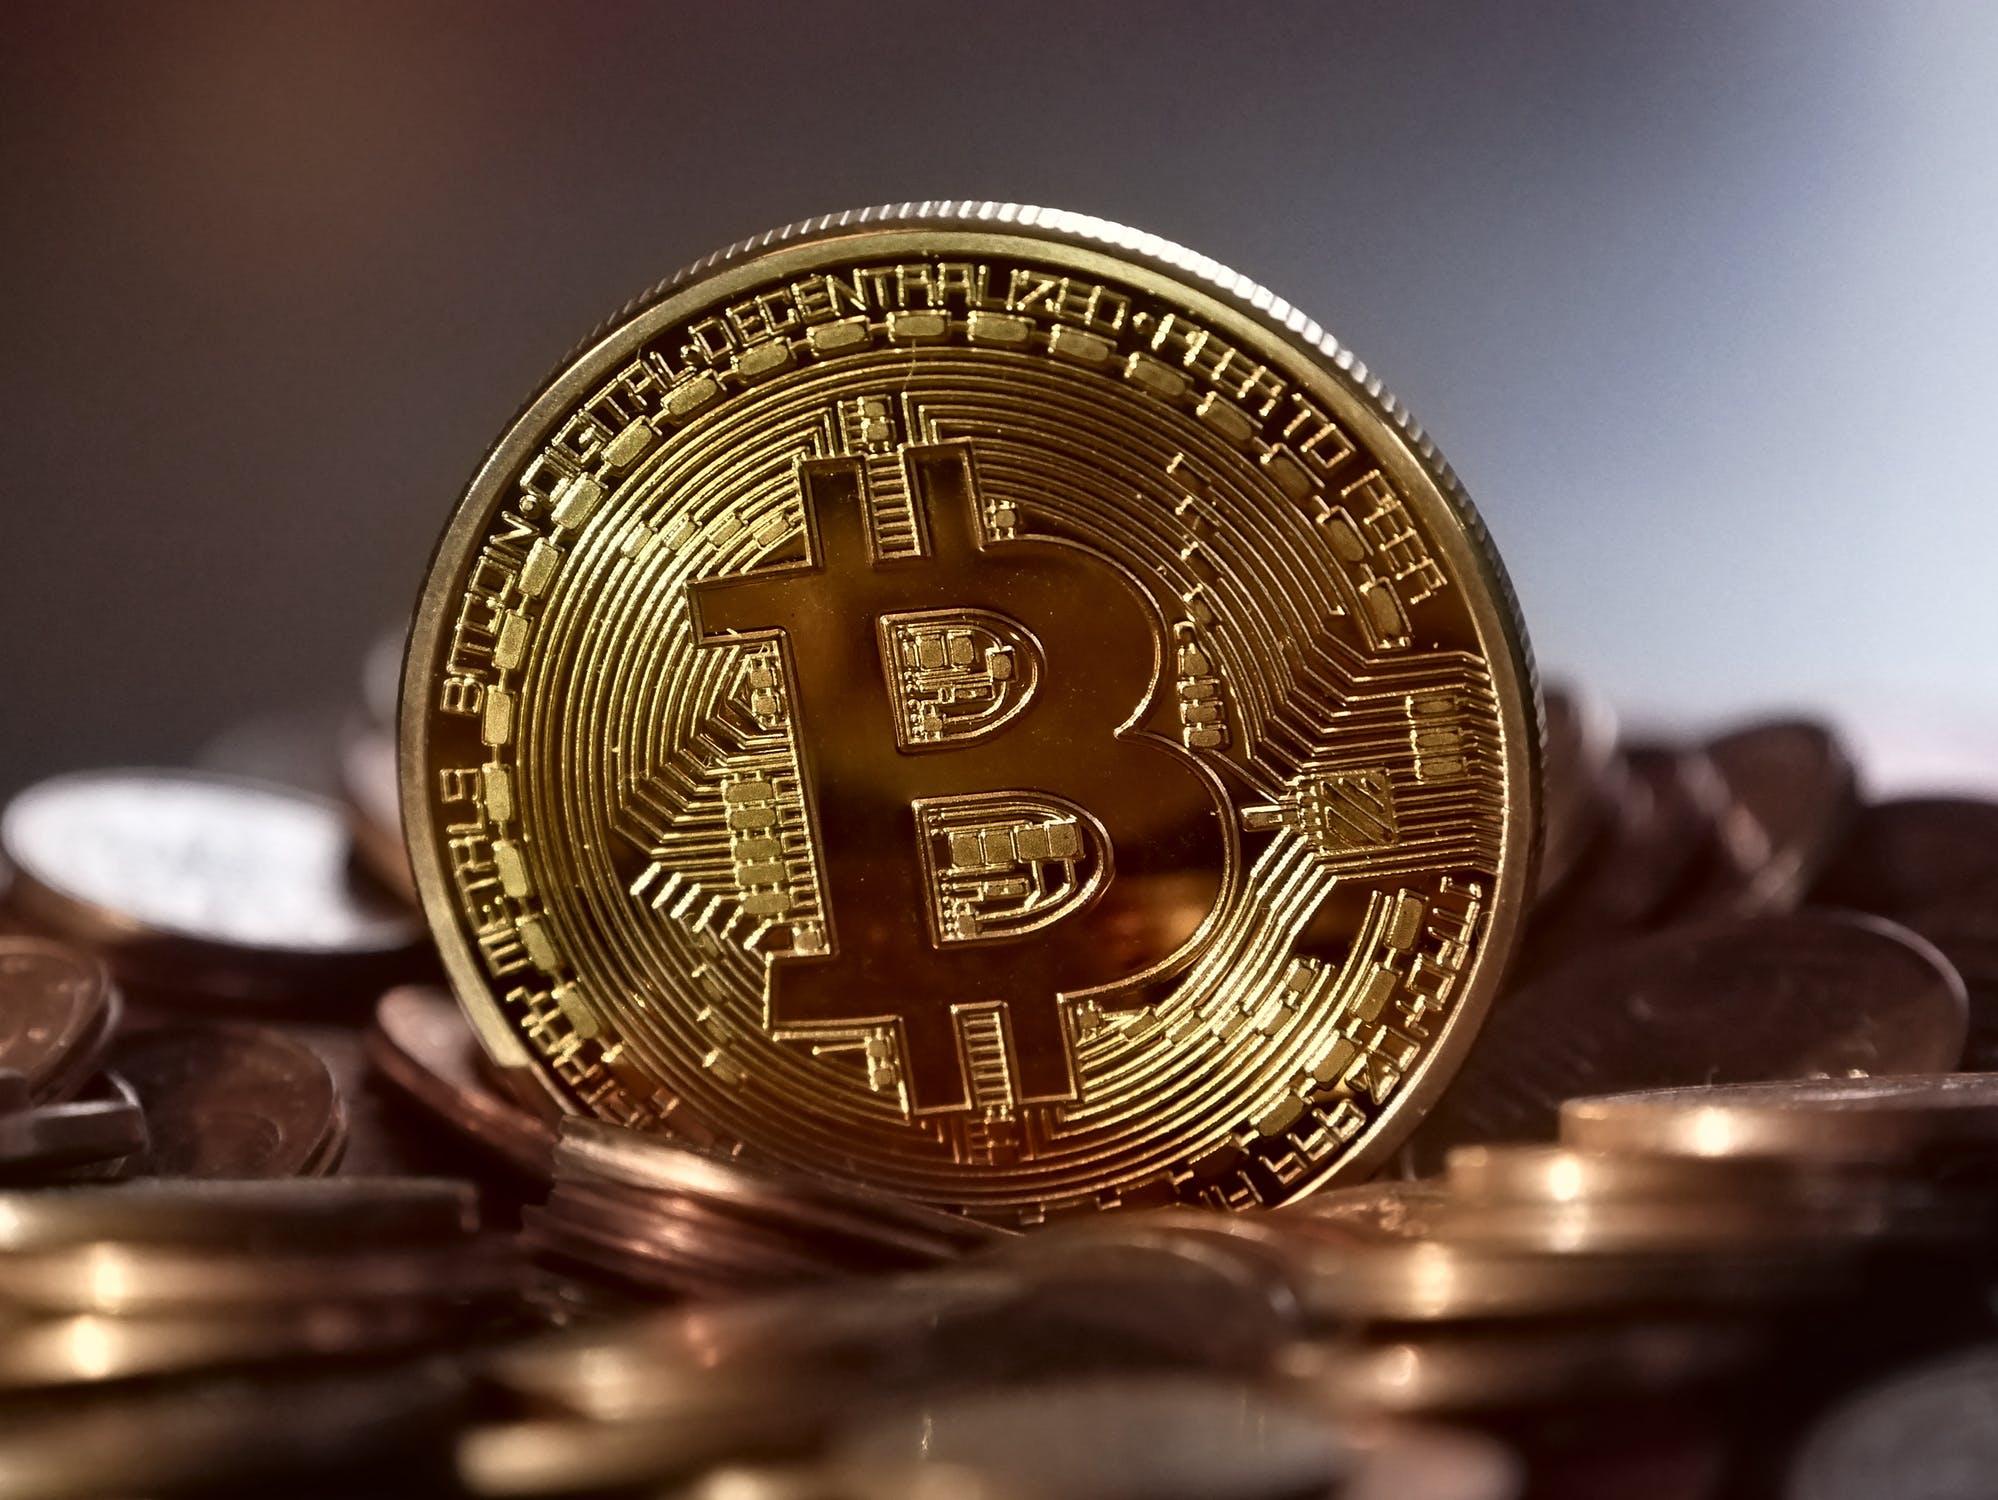 Image d'illustration d'un bitcoin